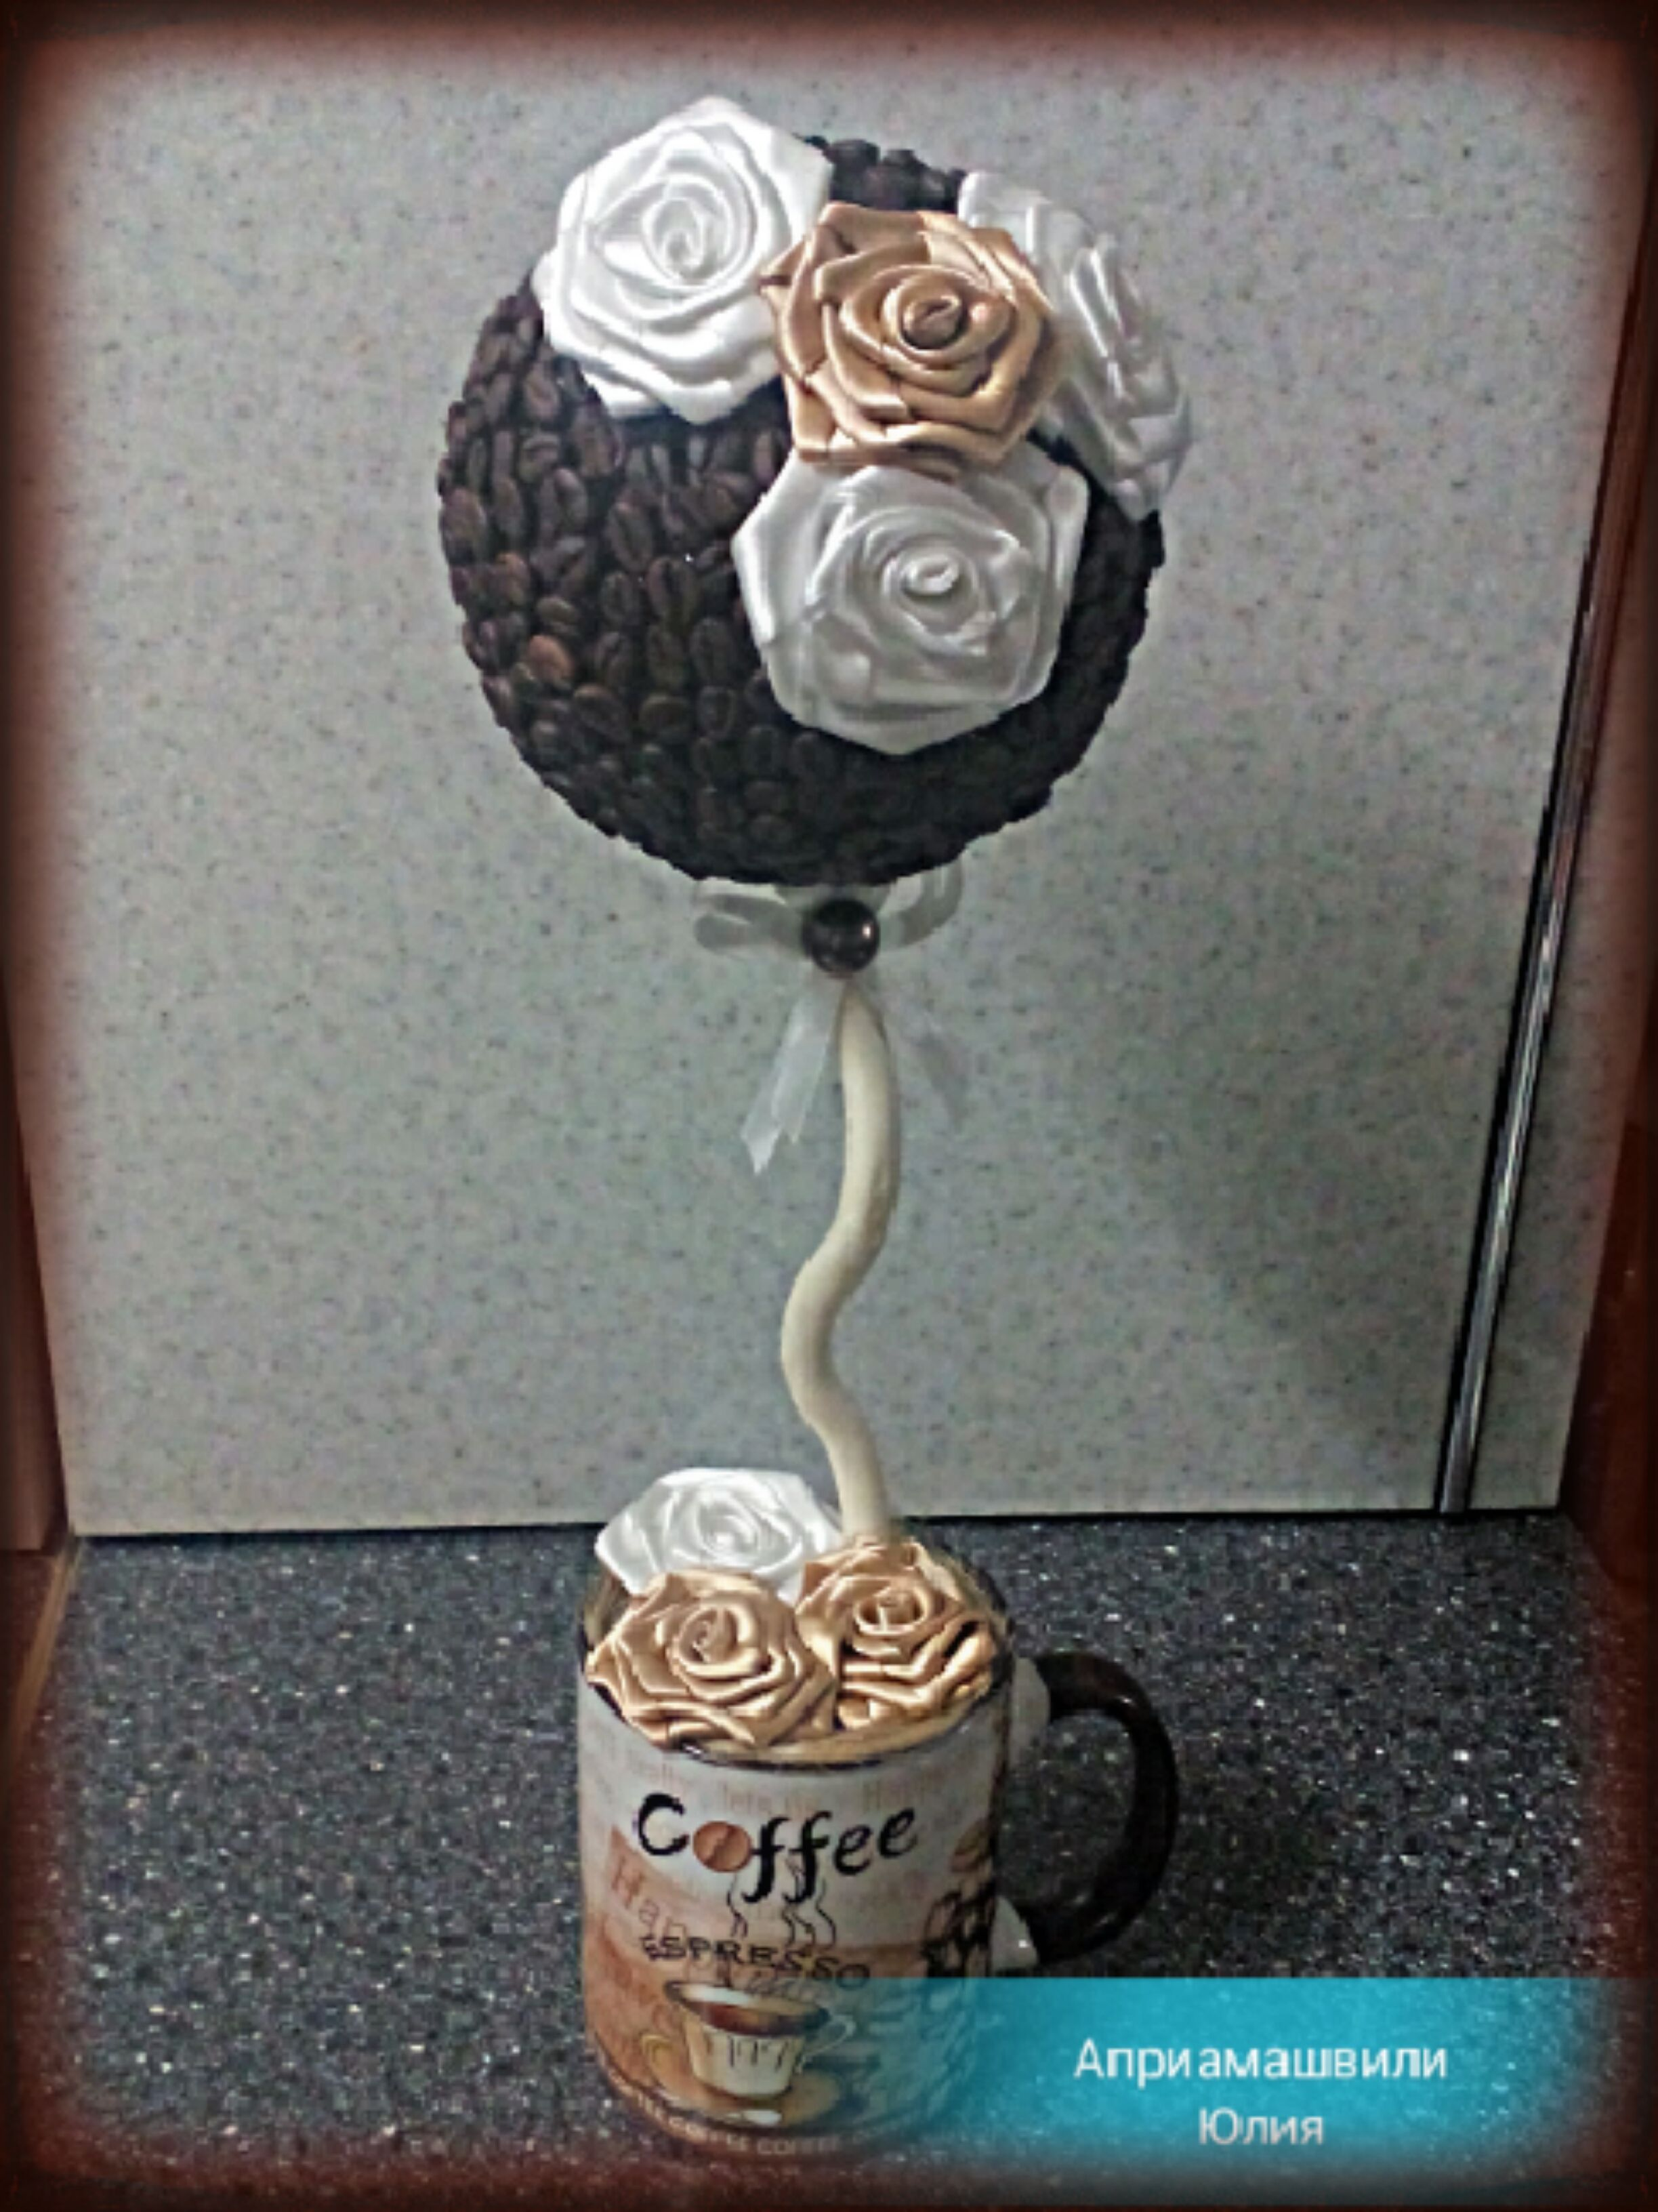 кофе интерьер топиарии кофейныепарящиечашки зернакофе кофейныедеревья